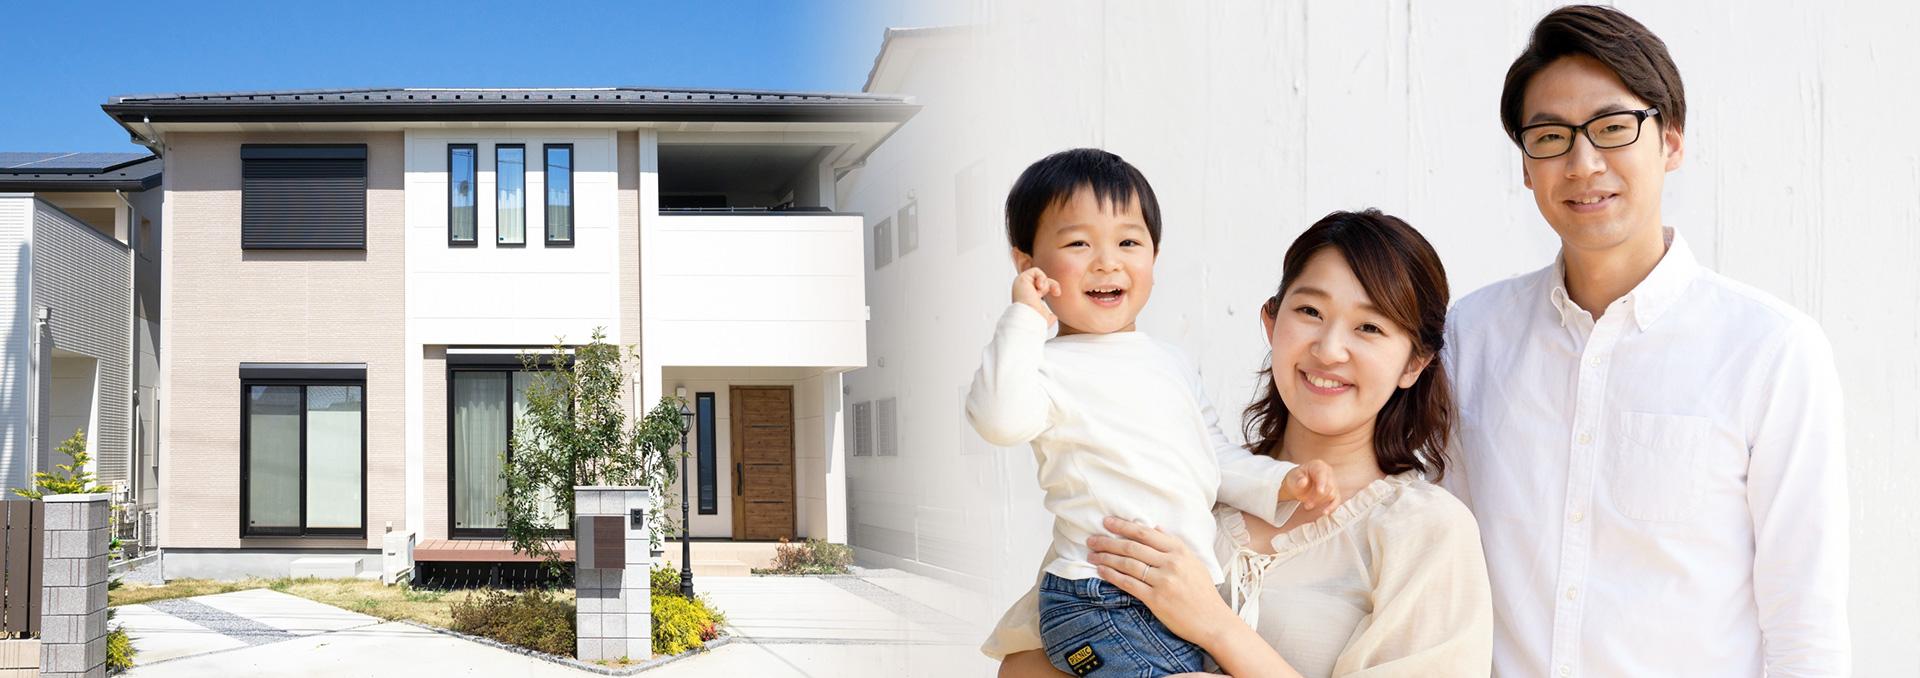 住まいと家族は健康ですか?見えない床下・小屋裏のトラブルは、 家の寿命に大きく関わります。  床下・小屋裏の換気に関する情報をお届けするサイトです。